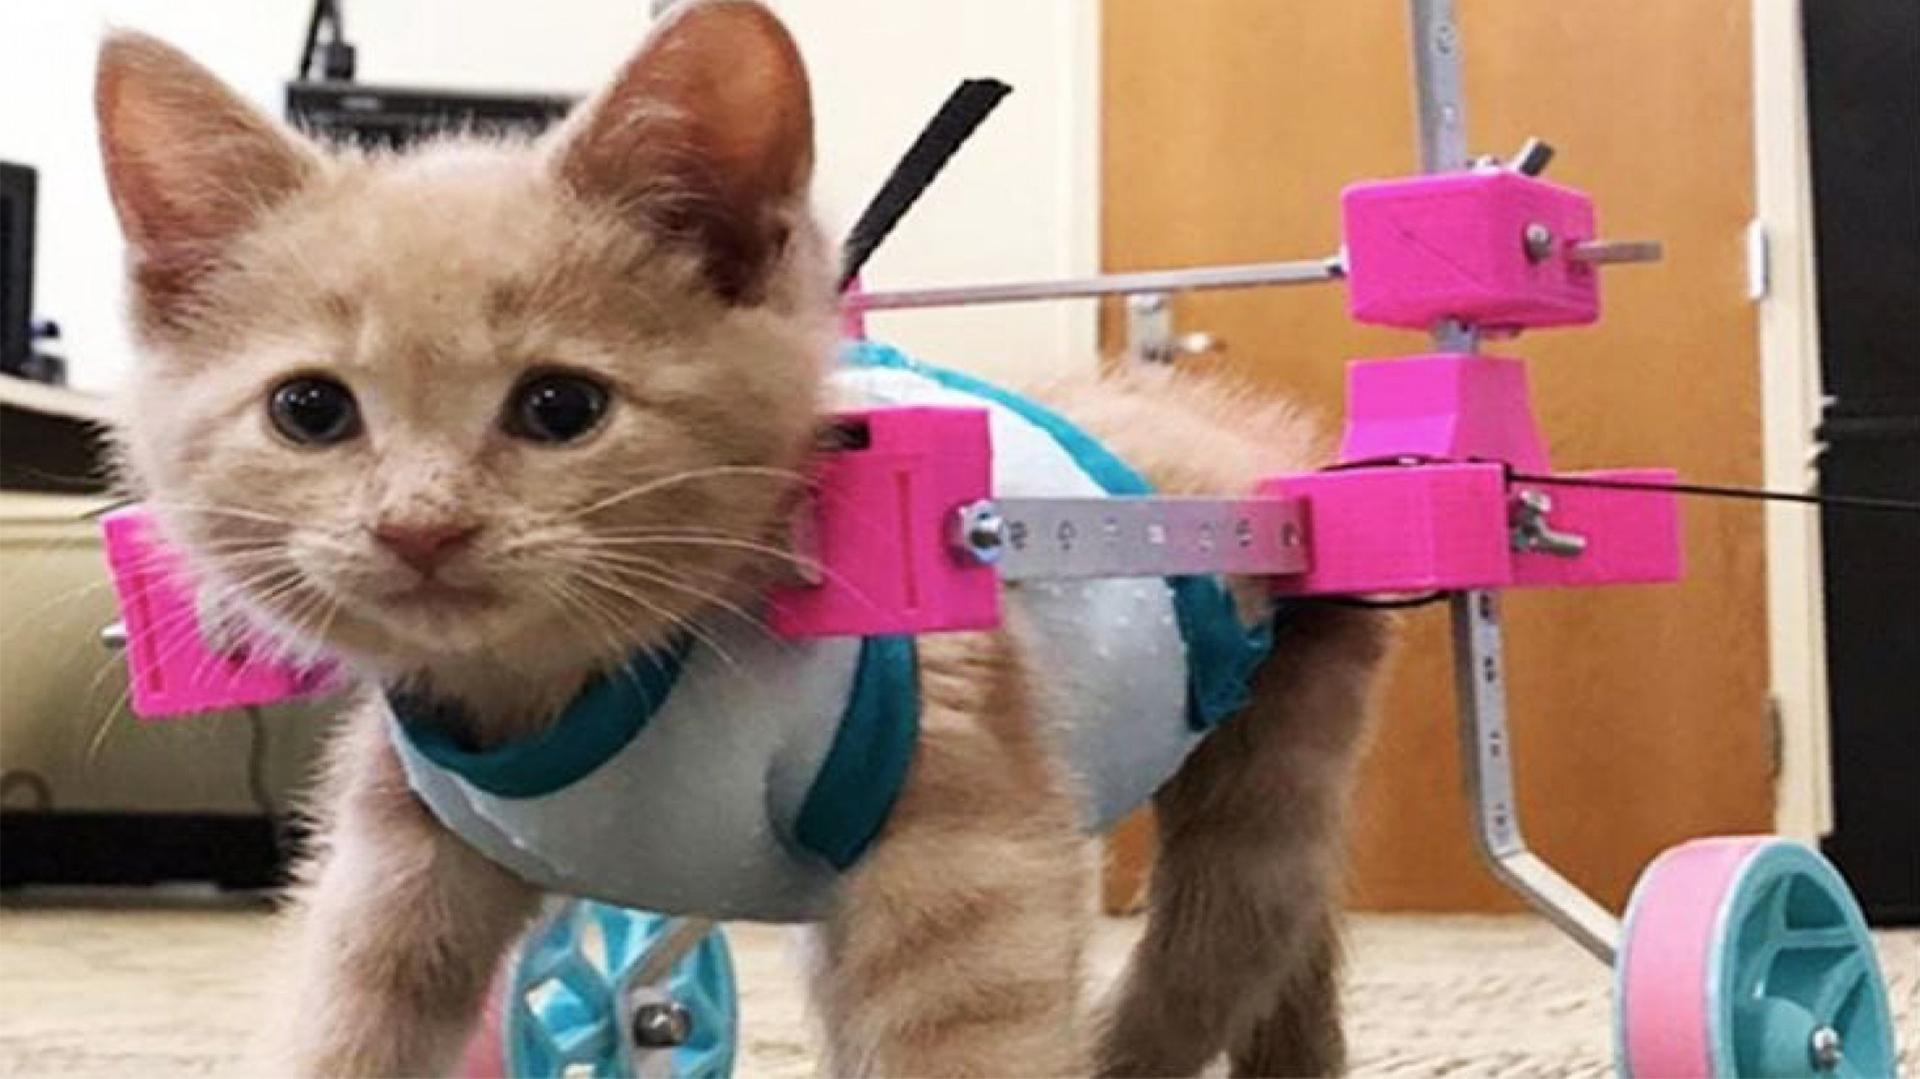 Los mininos que aparecen en esta cuenta han tenido que superar muchas adversidades (Foto:@cats.sads/Instagram)